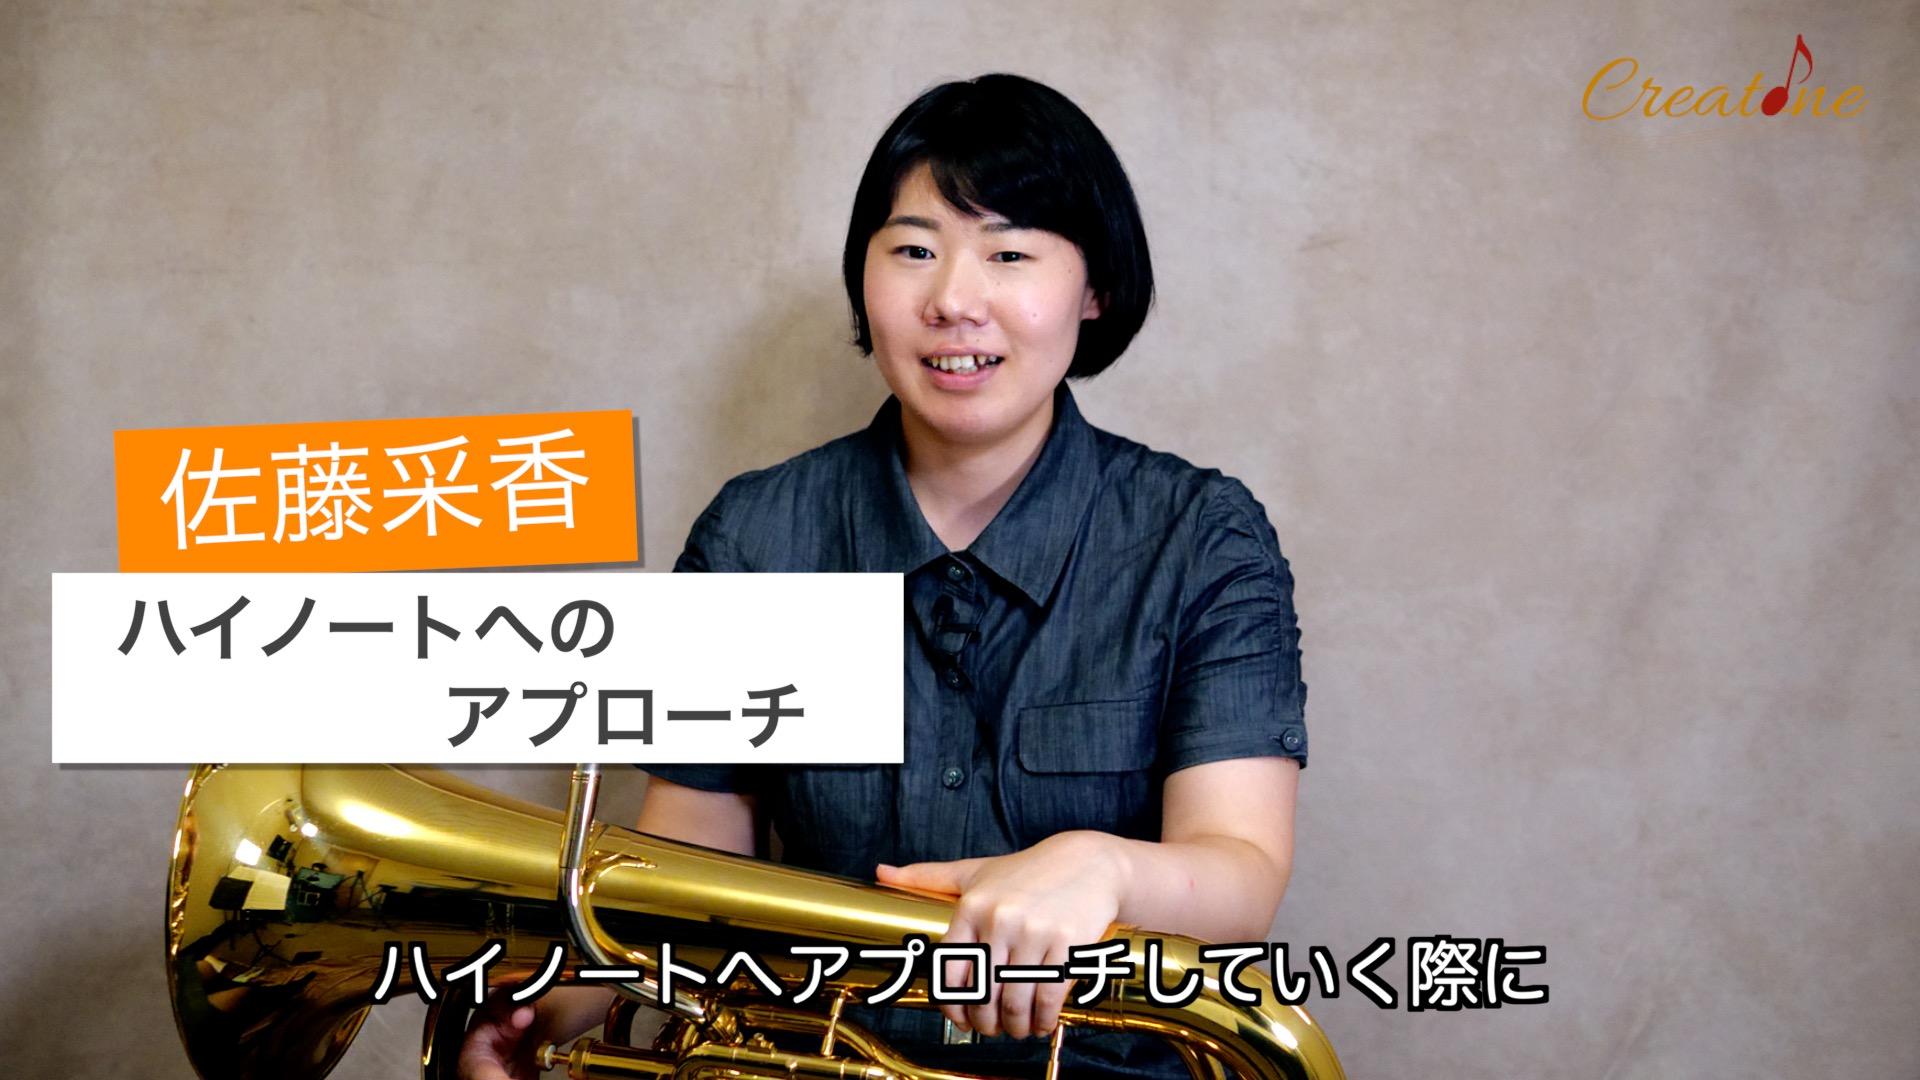 佐藤采香9 ハイノートへのアプローチ サムネ